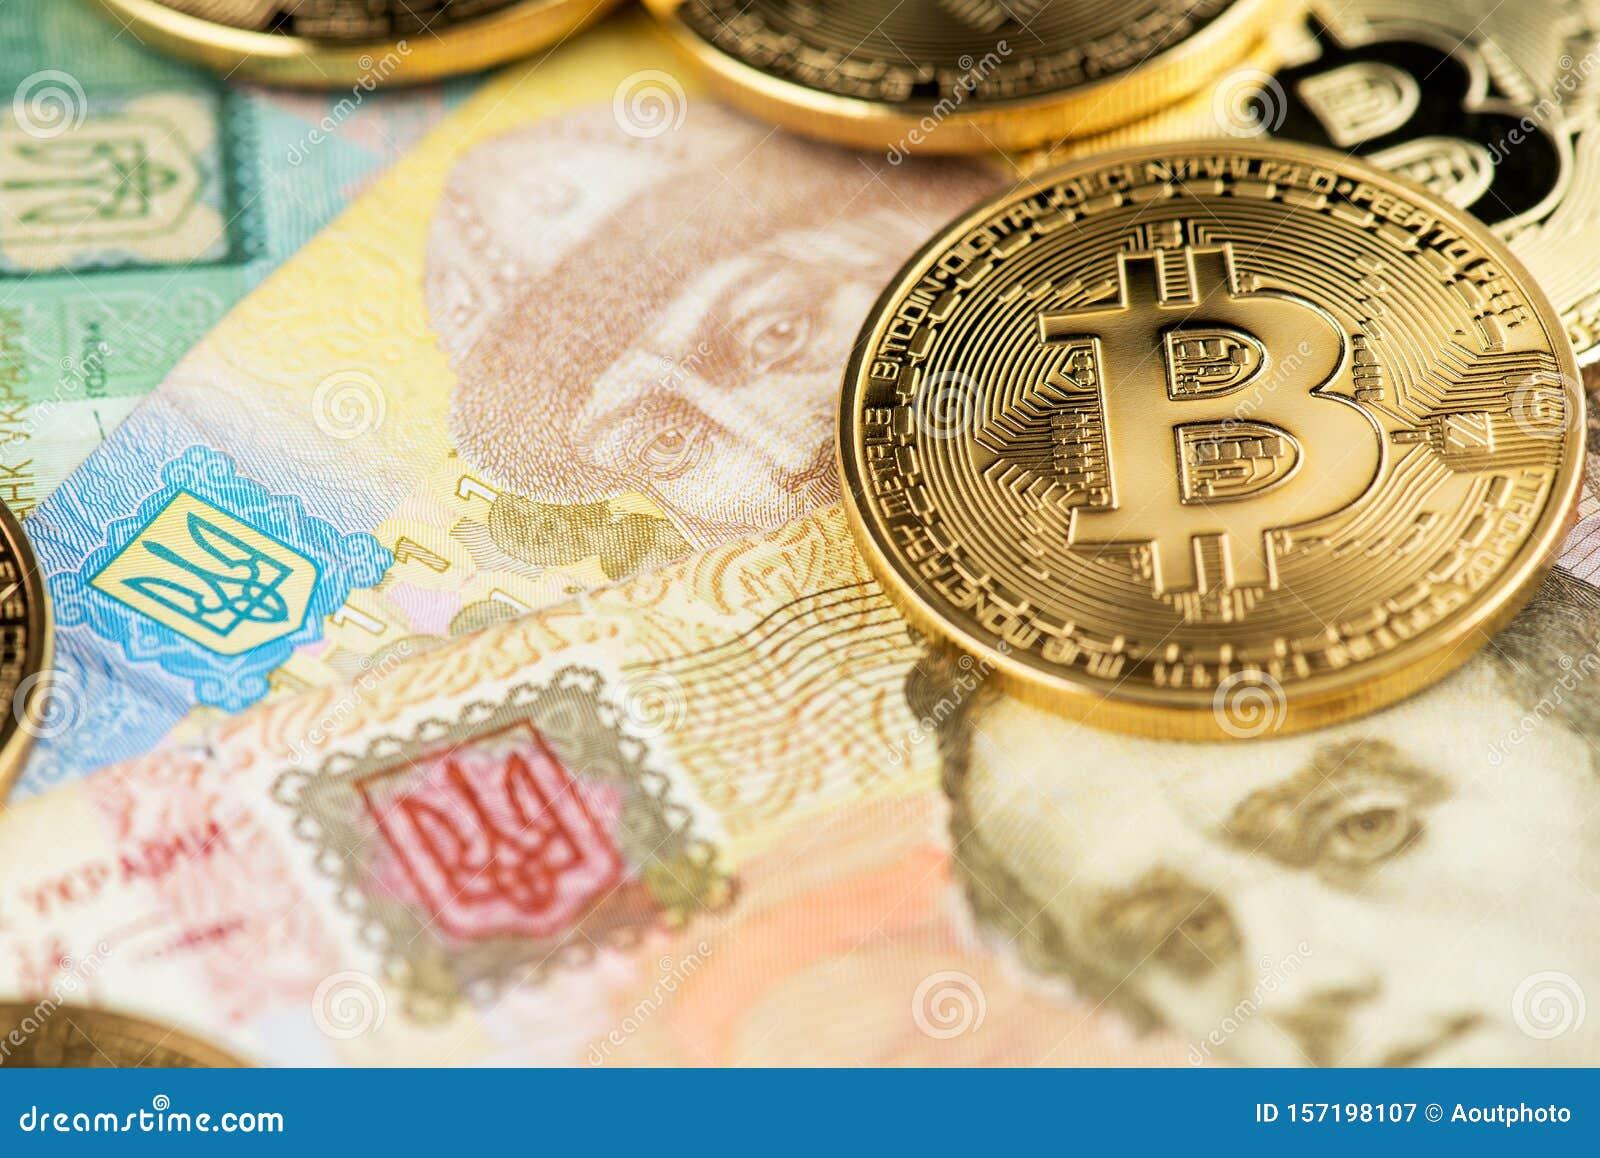 dimensiunea capacului pieței bitcoin dice script bitcoin